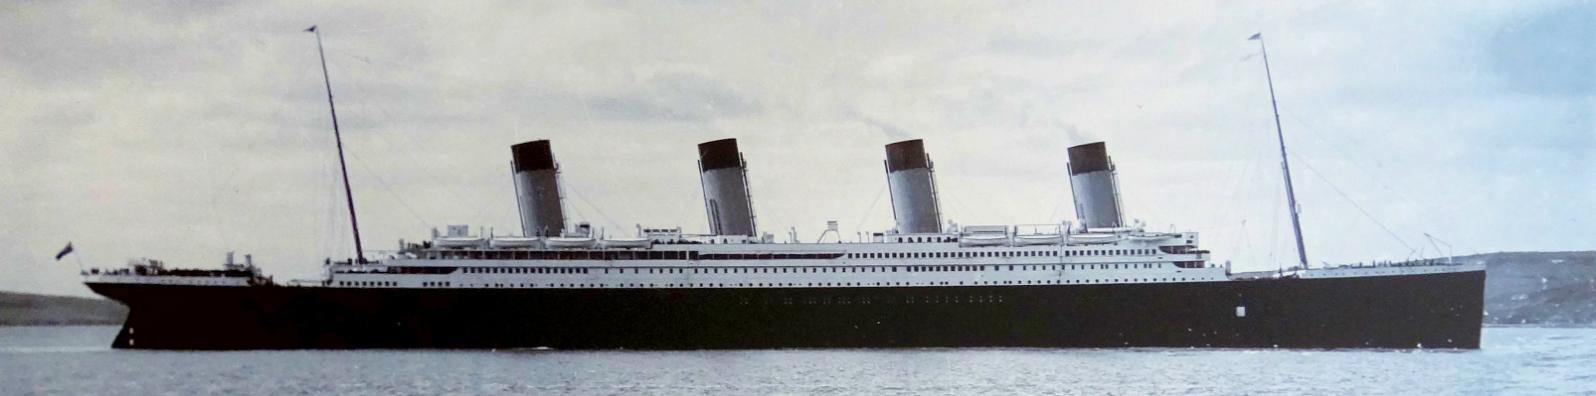 Cyclops 2, Derinlerde Titanic'i Tarayacak